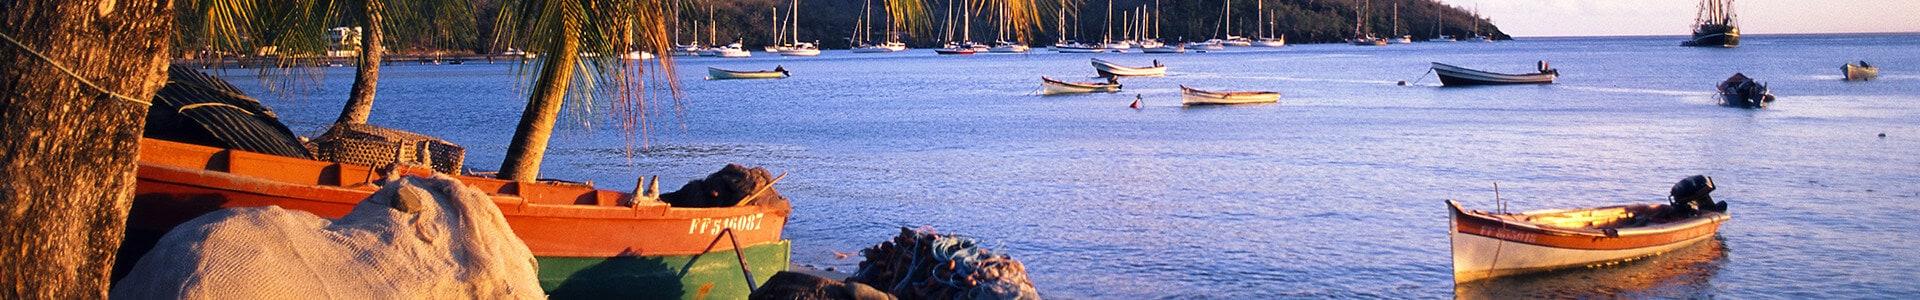 Voyage à la Martinique - TUI